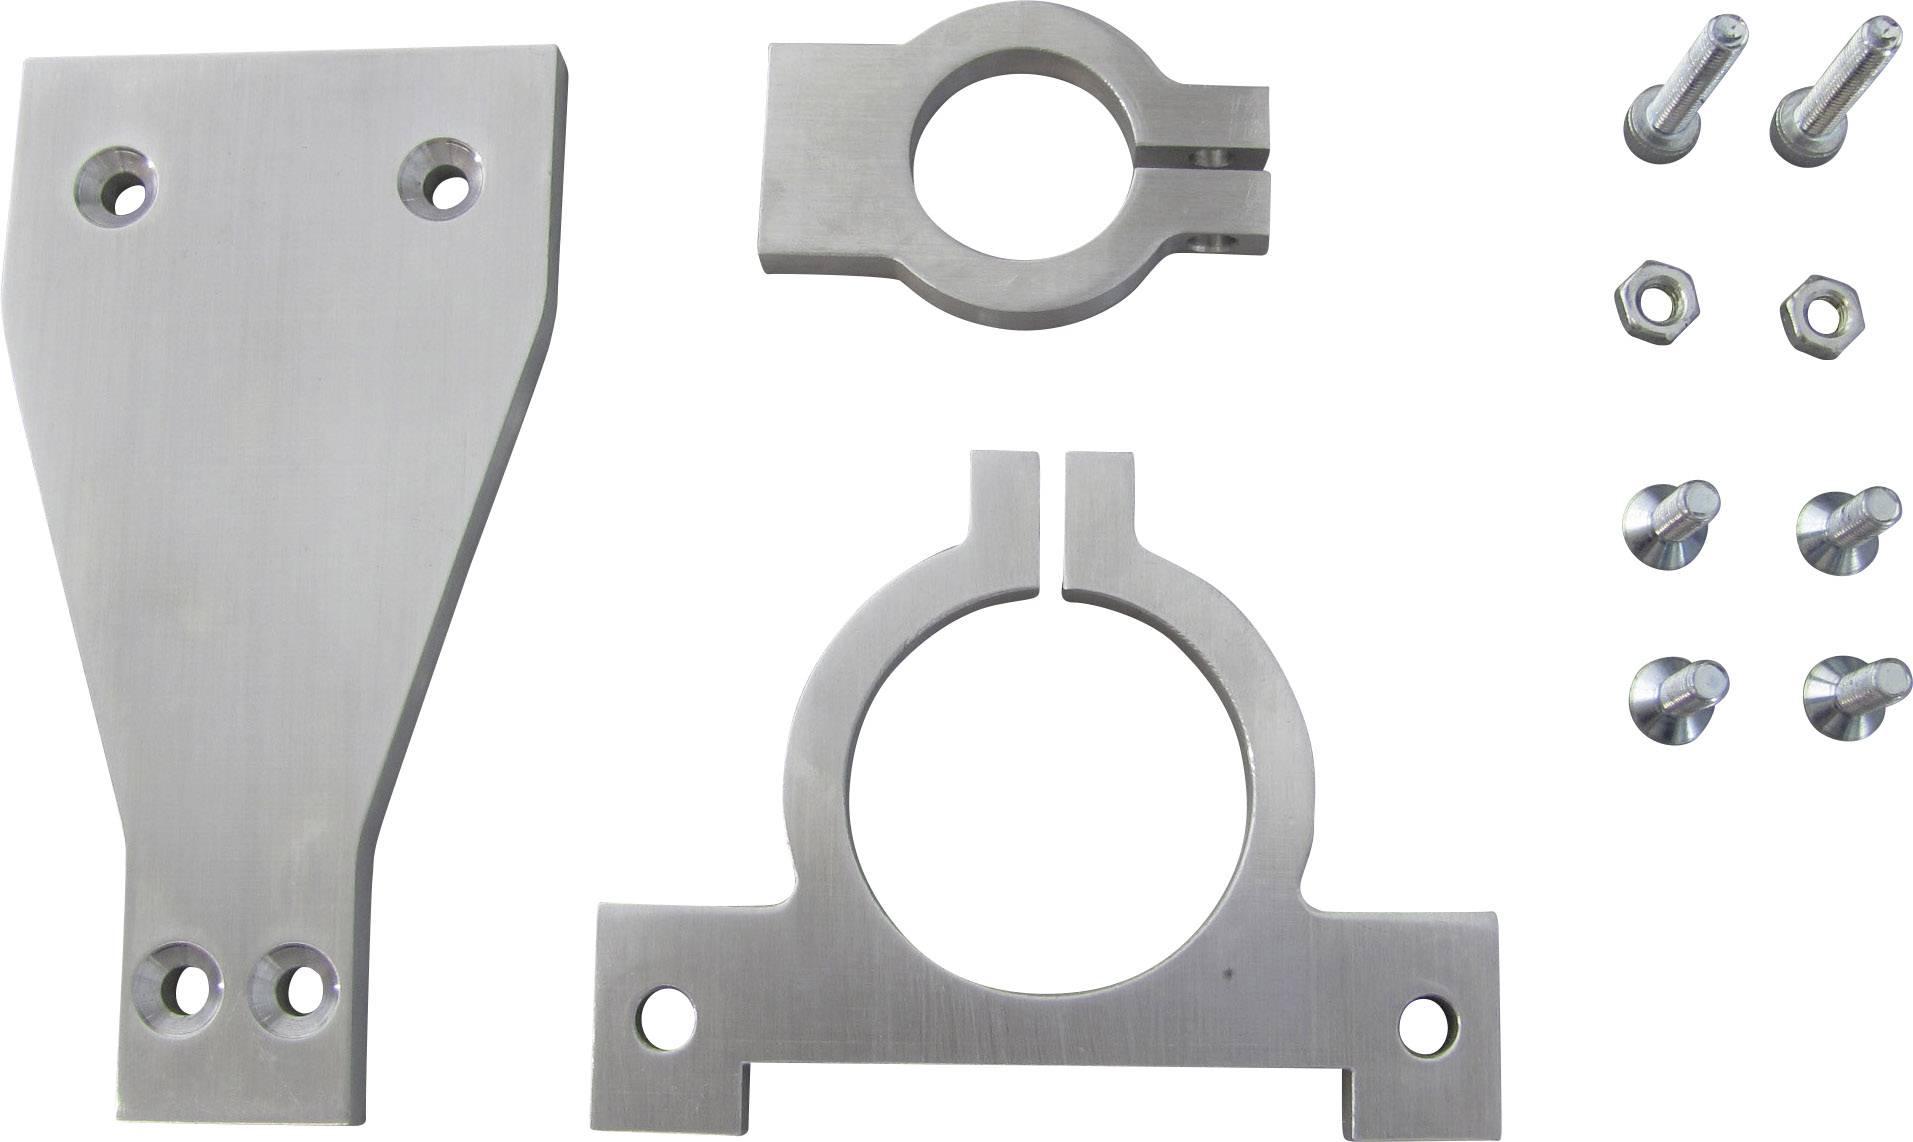 Držák frézky na RF1000 pro Proxxon Micromot 50/E, vhodný pro 3D tiskárnu renkforce RF1000